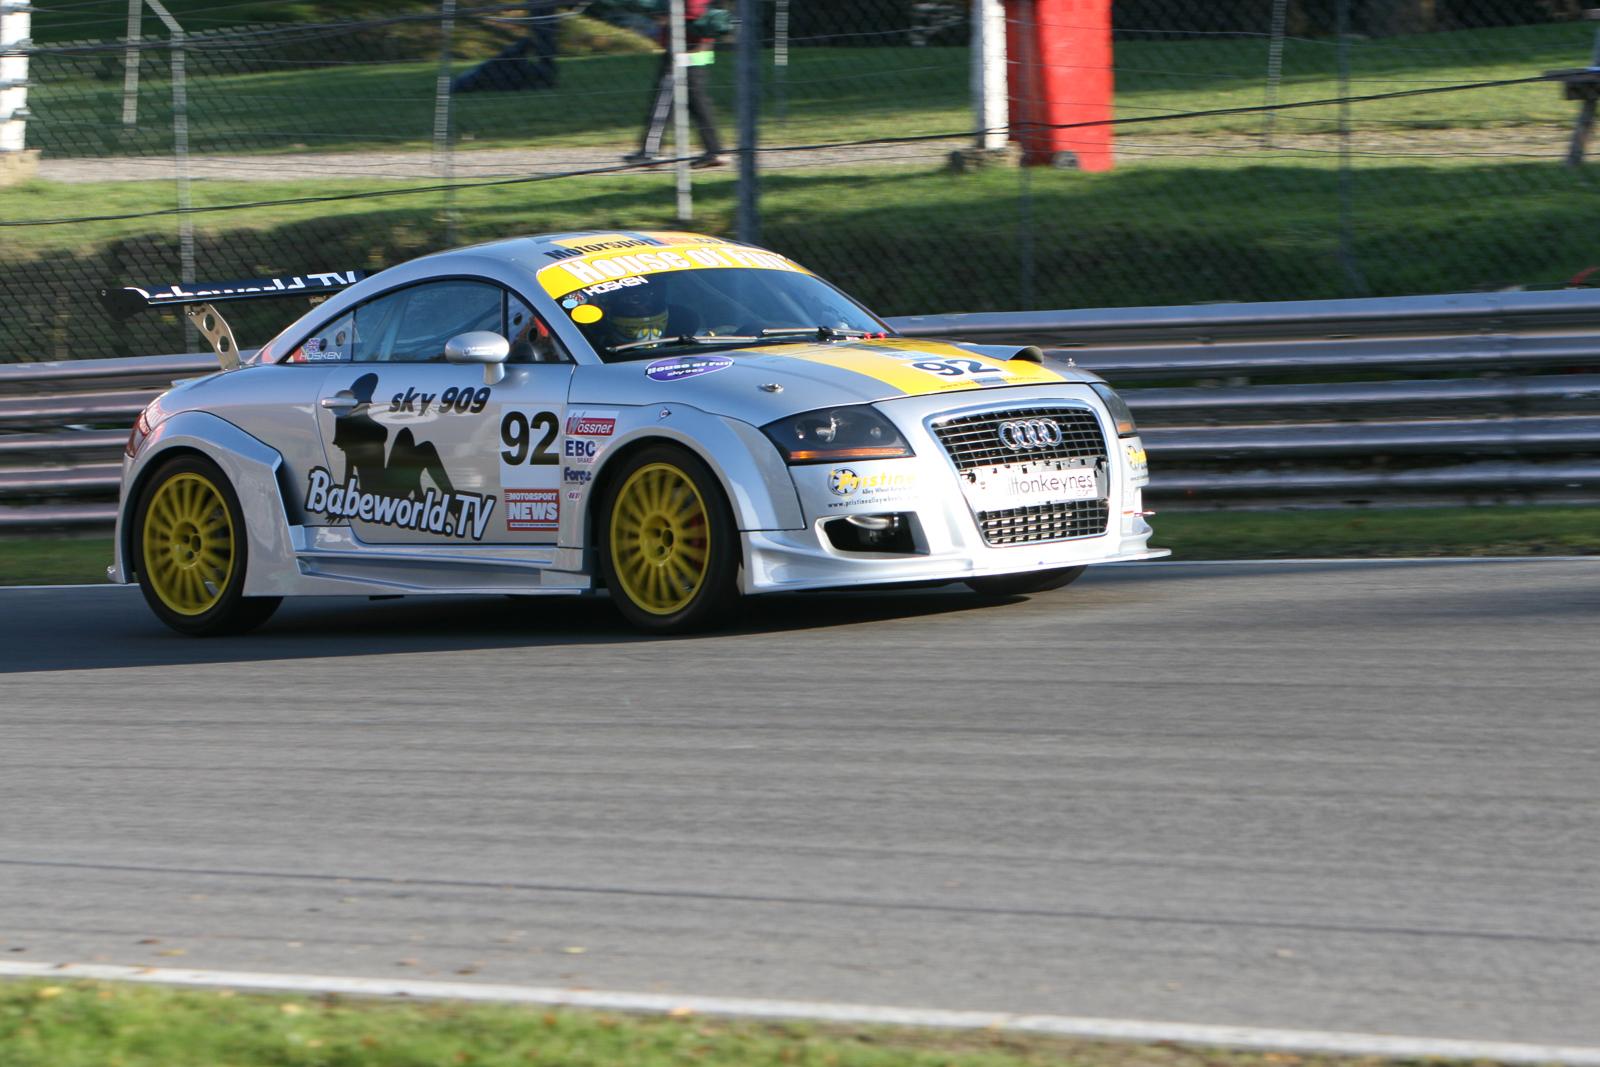 20071103 - Truck Racing Brands -071103 -019